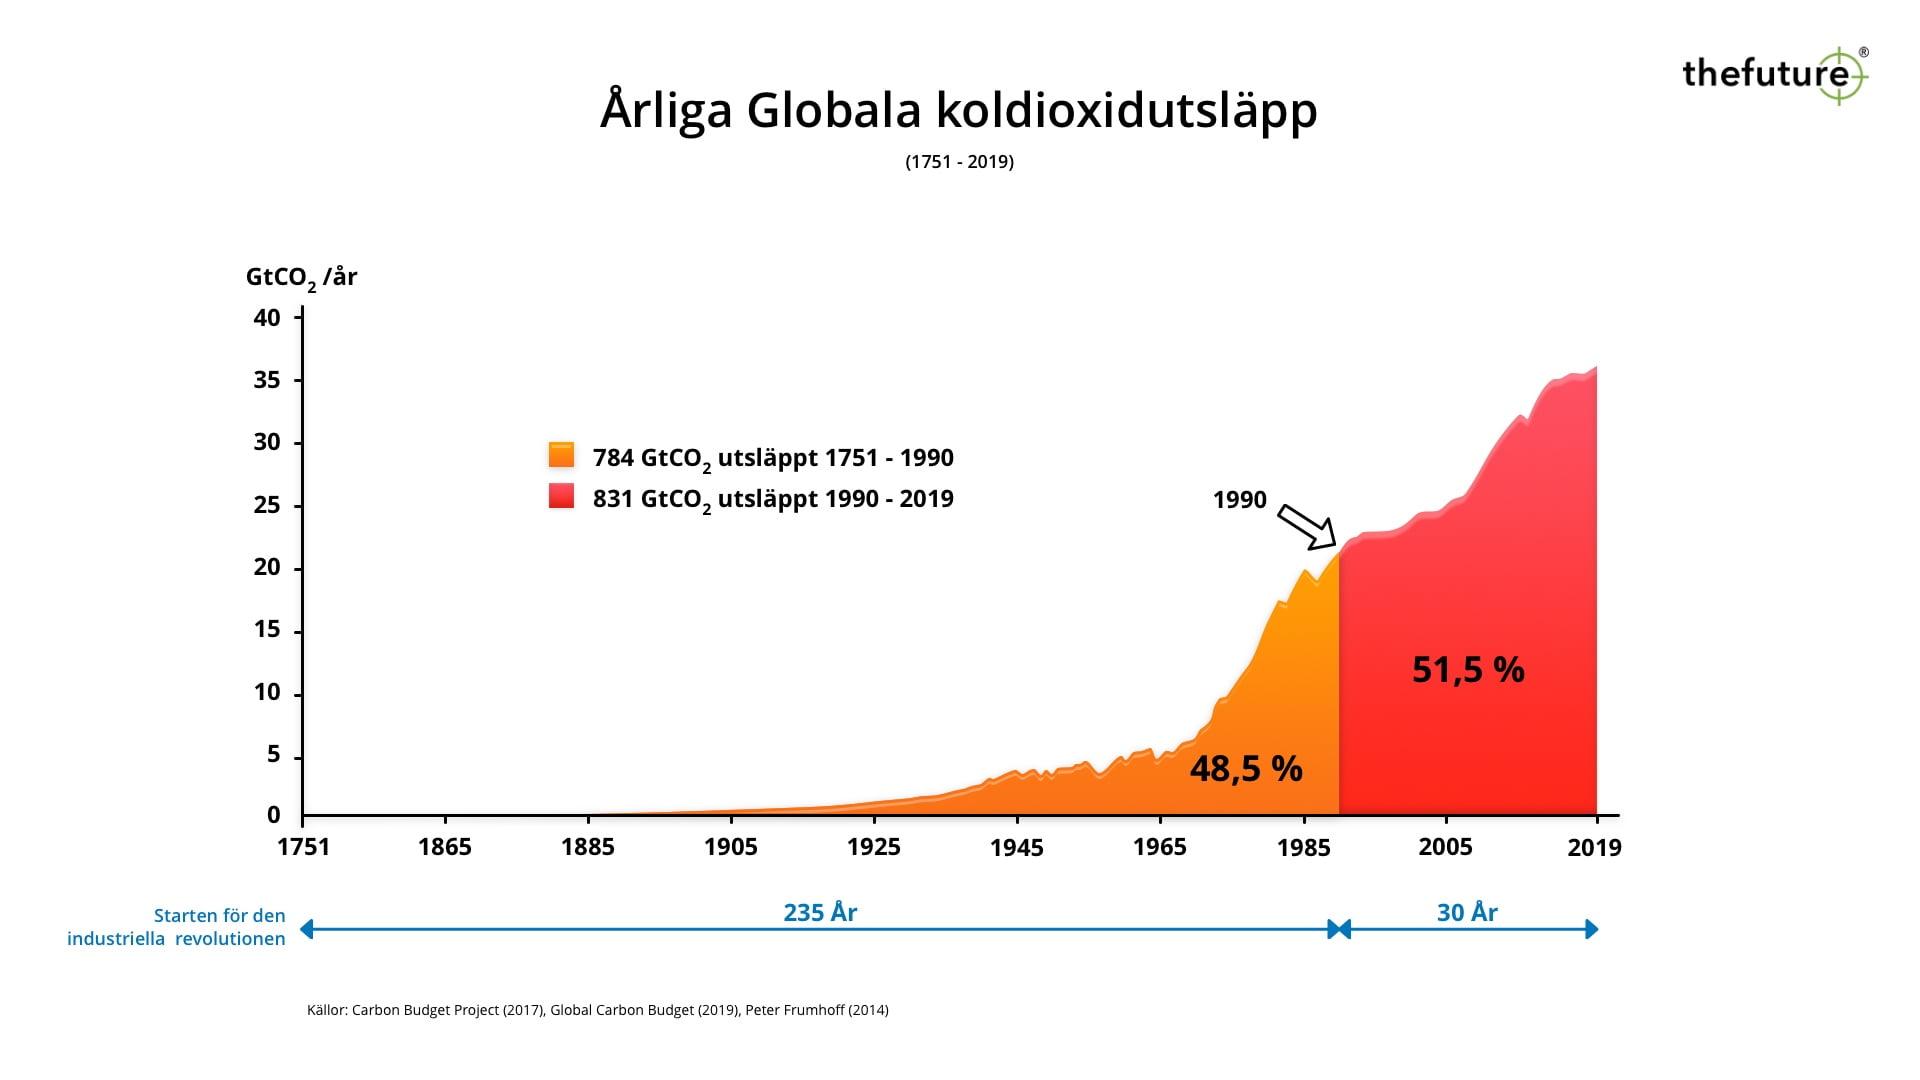 thefuture, blogg, Historiska Globala koldioxidutsläpp